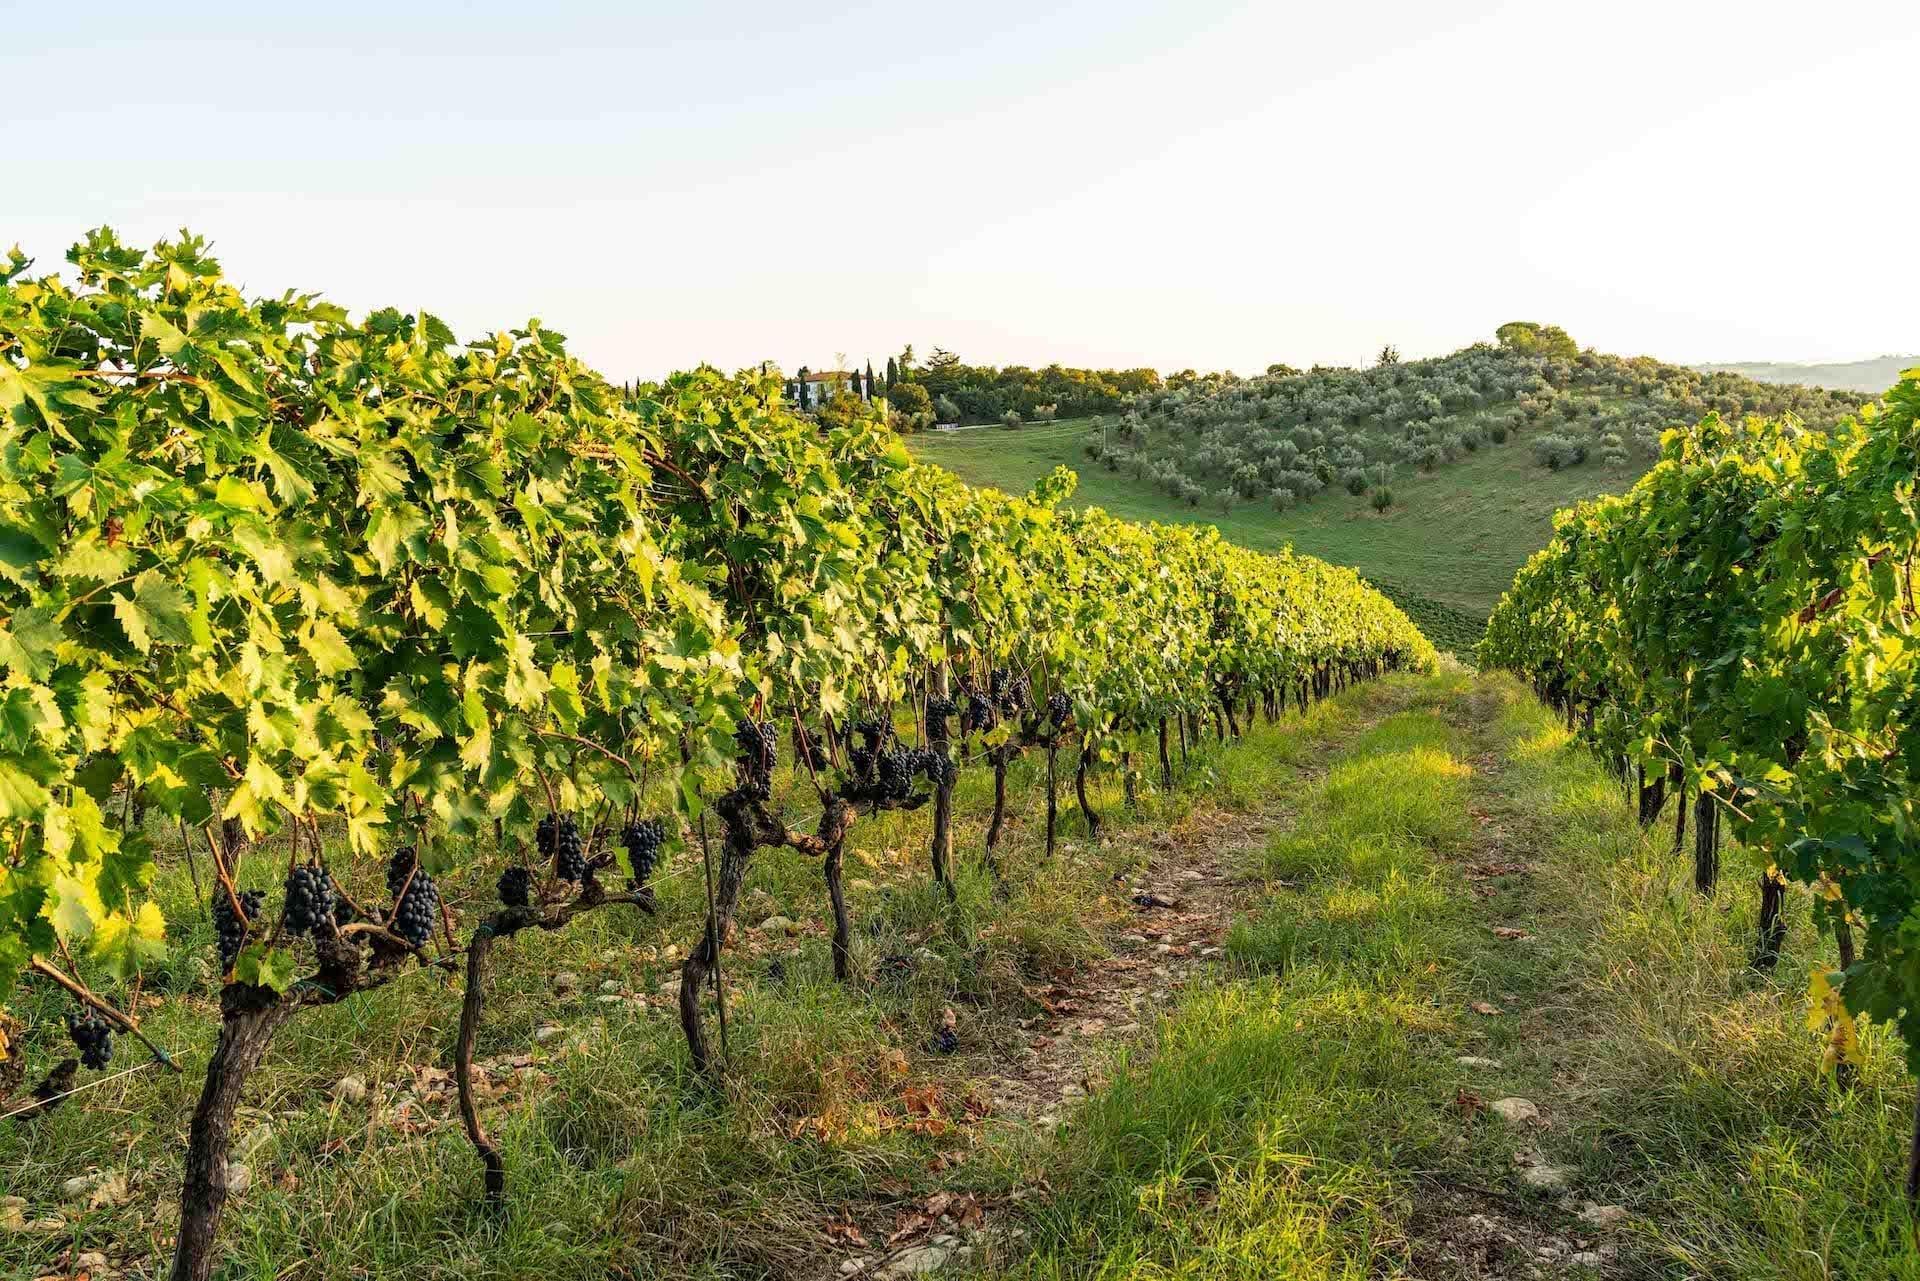 https://principecorsini.s3.eu-central-1.amazonaws.com/wp-content/uploads/2020/02/07165717/Fico-Wine-Principe-Corsini-15.jpg